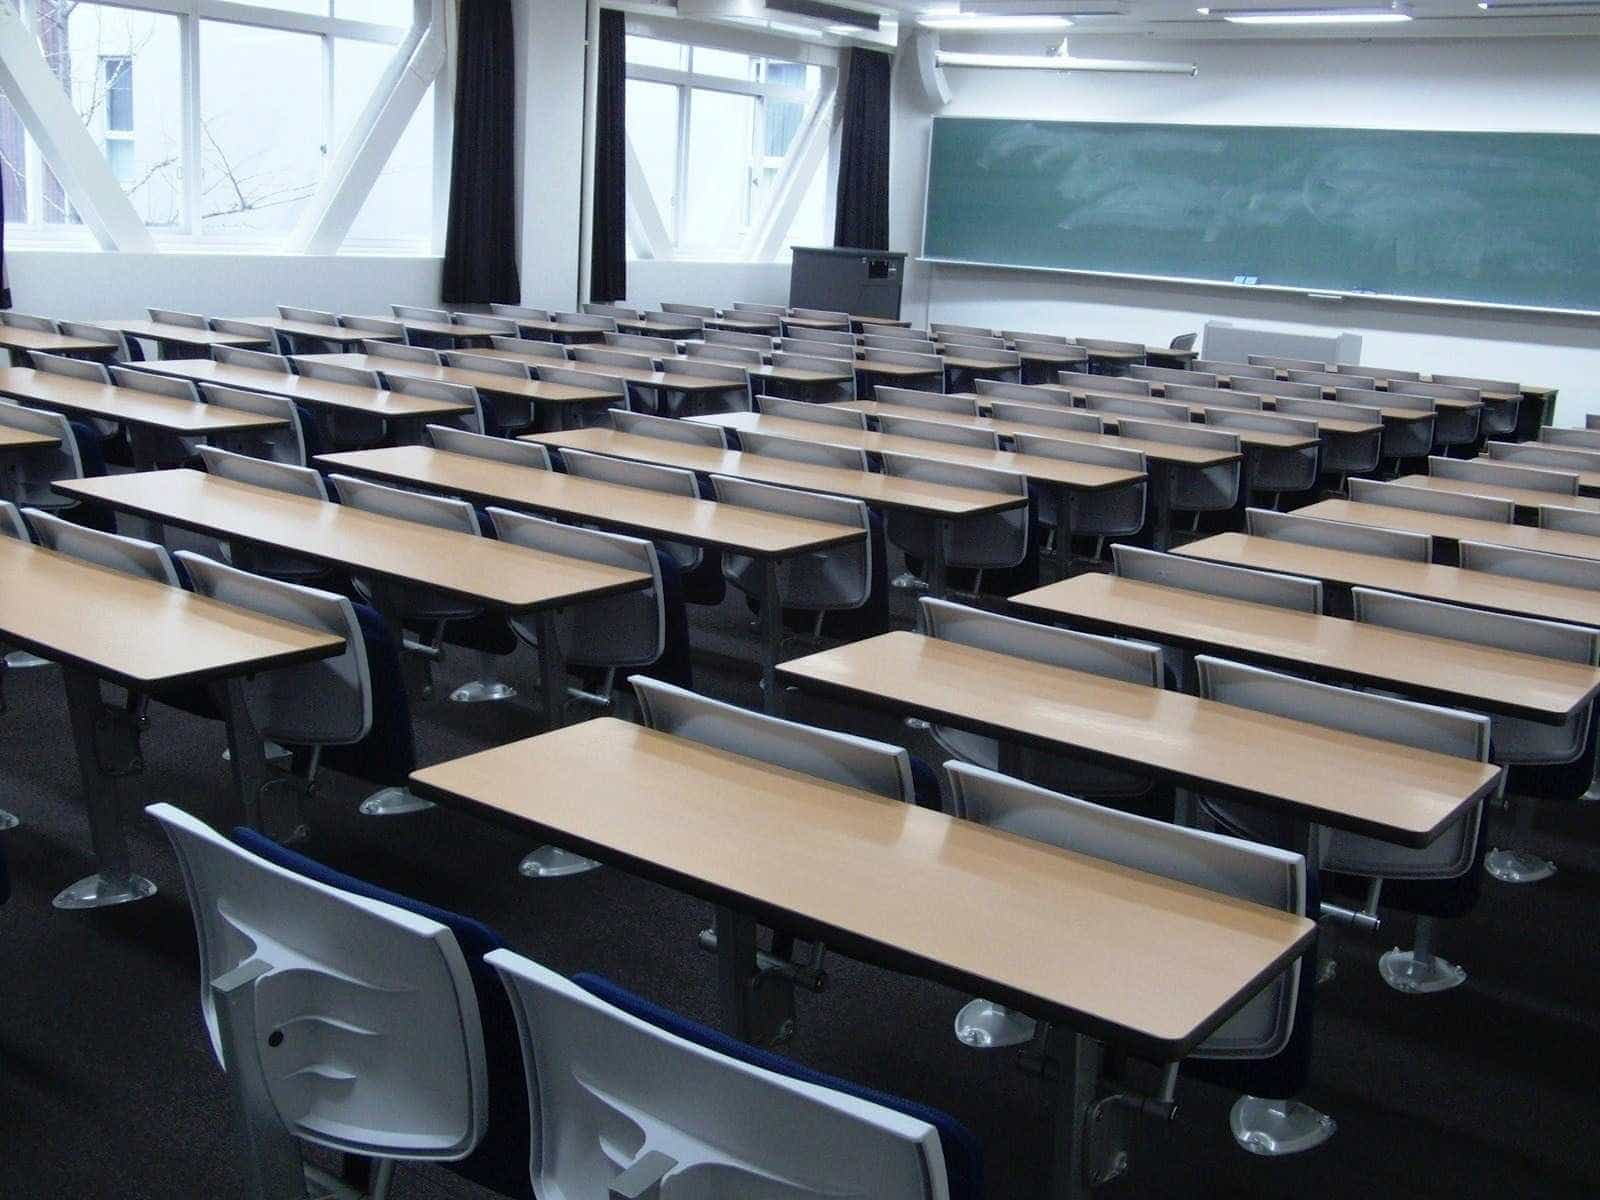 Tiroteio assusta alunos de escolas do Complexo do Alemão; vídeo